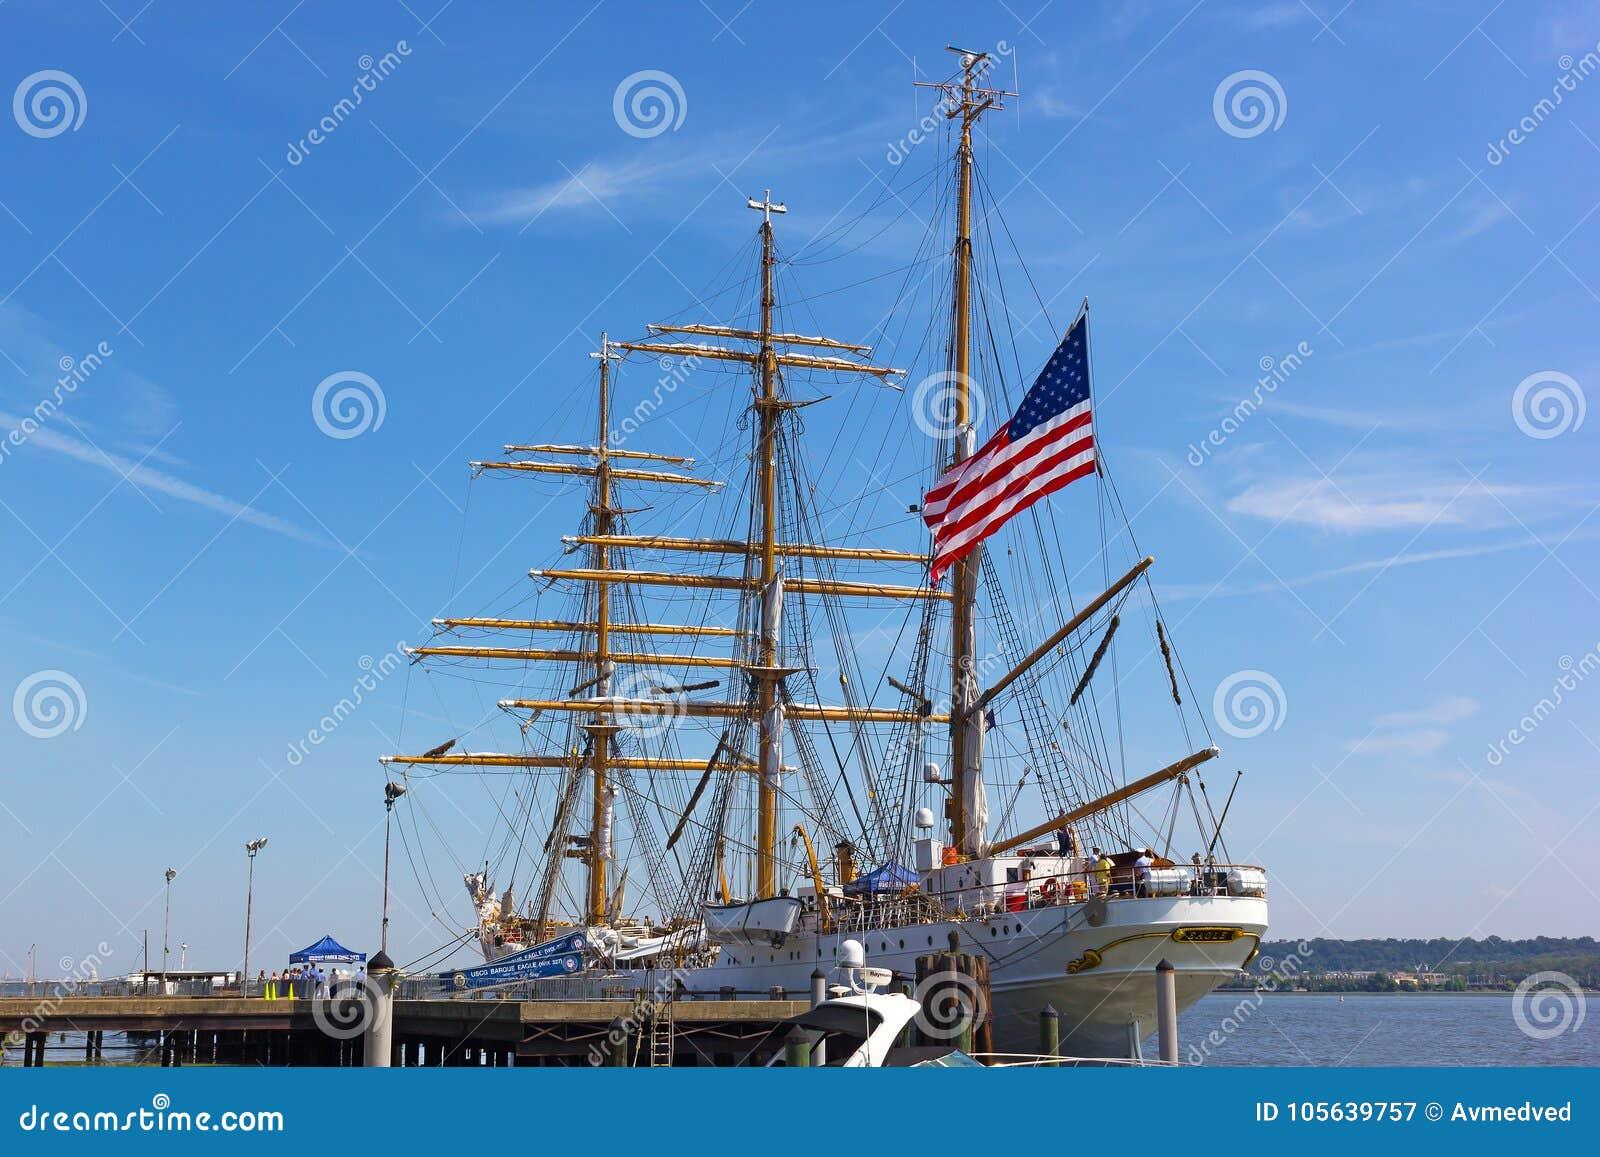 L Alexandrie fait bon accueil à U S Bateau grand de la garde côtière à ses docks en Virginie, Etats-Unis